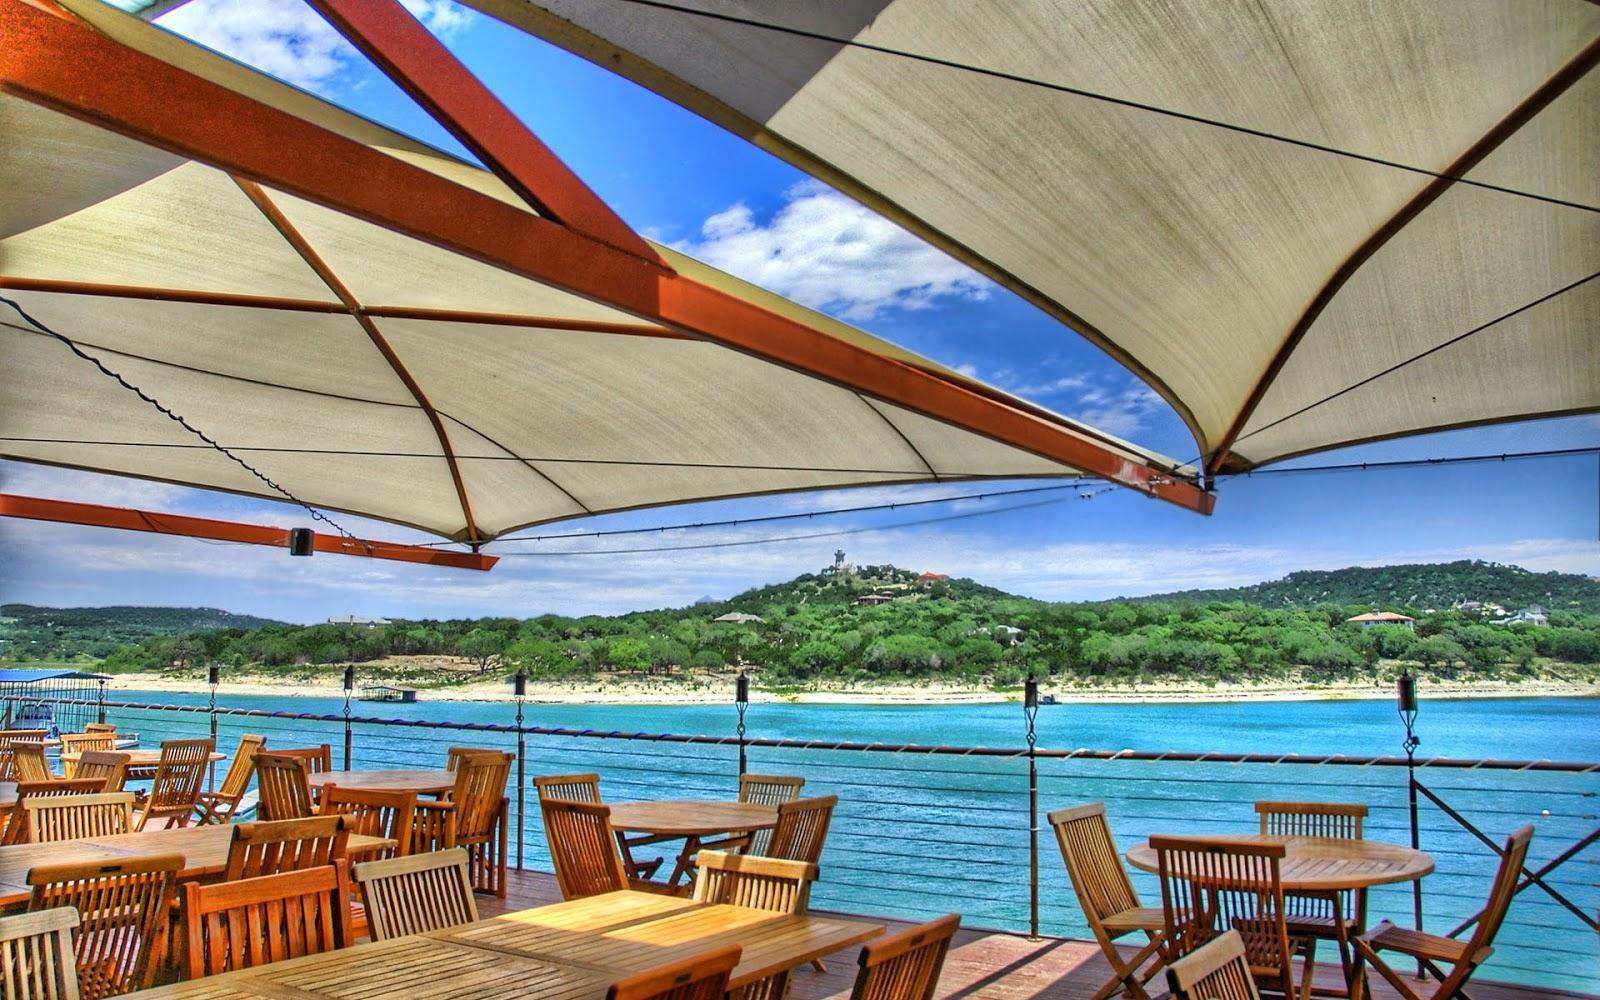 Parasollen en tafels aan het water